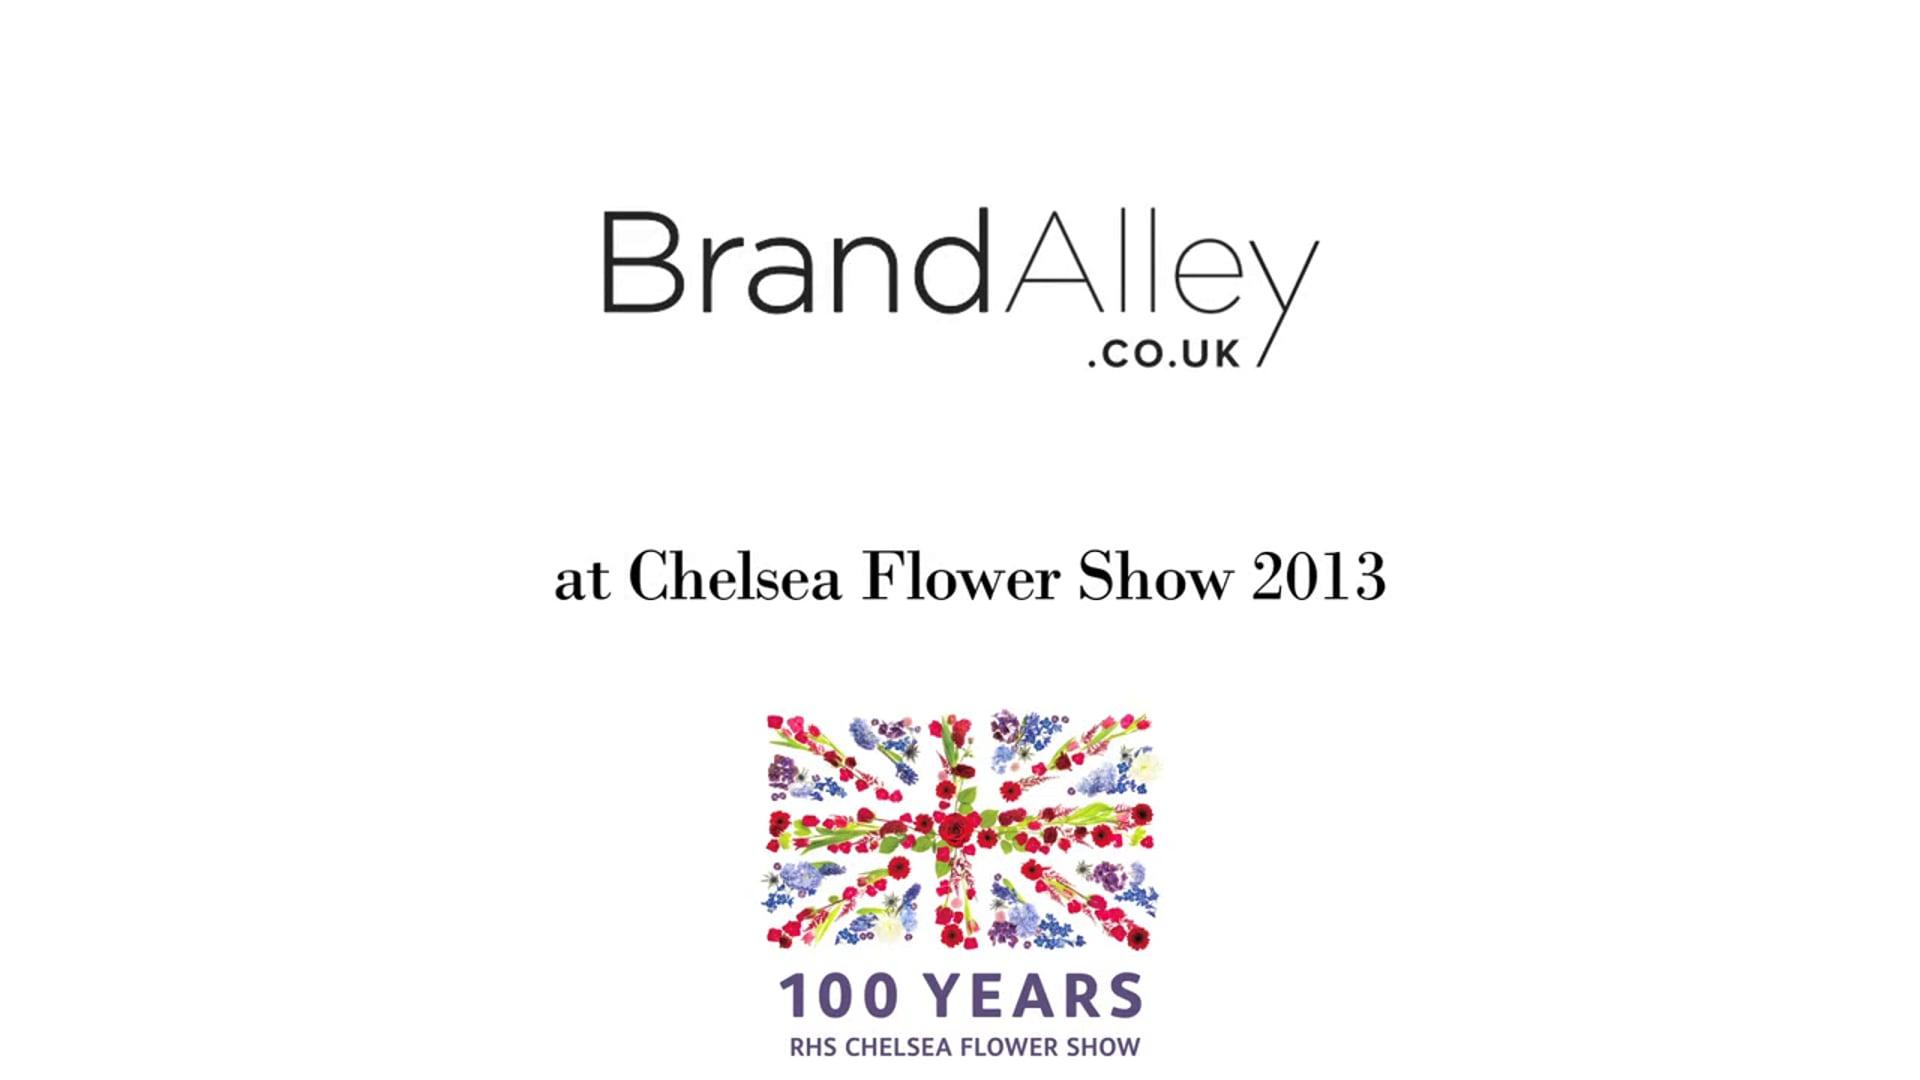 The BrandAlley Garden | Chelsea Flower Show 2013